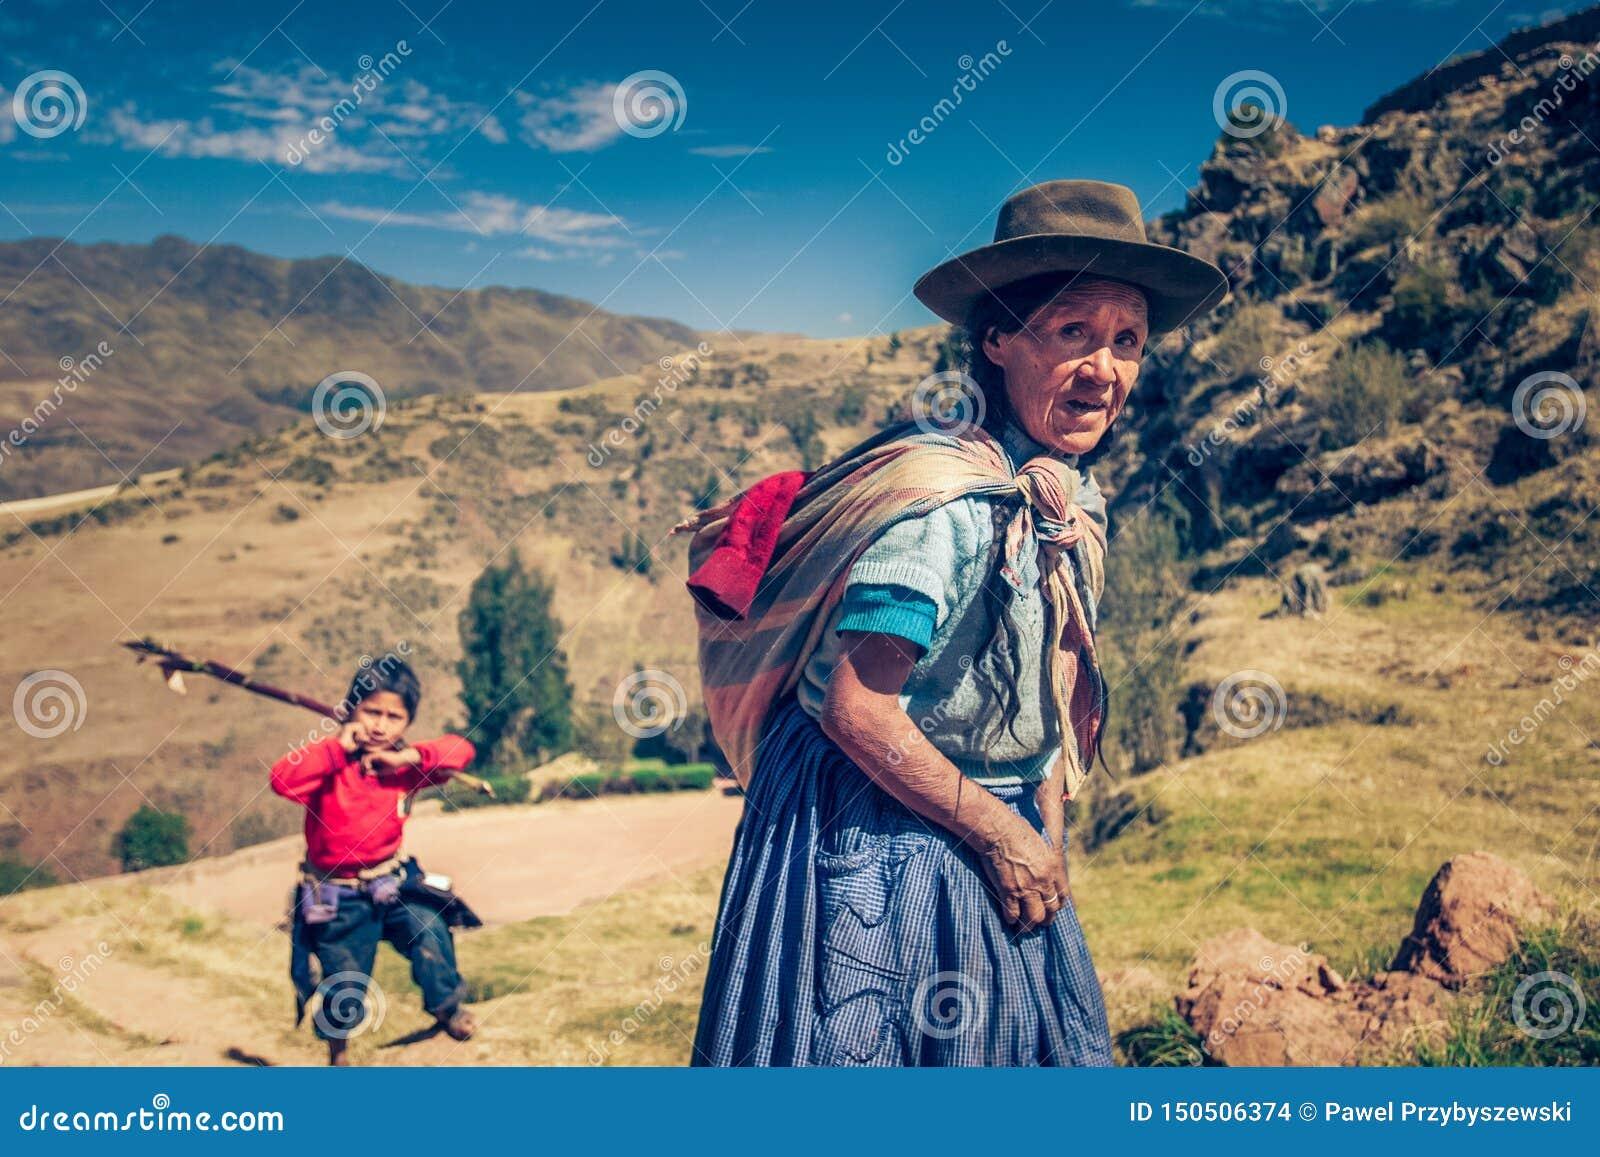 Cusco/Perú - 29 de mayo 2008: Retrato de la vieja mujer peruana nativa en las montañas andinas